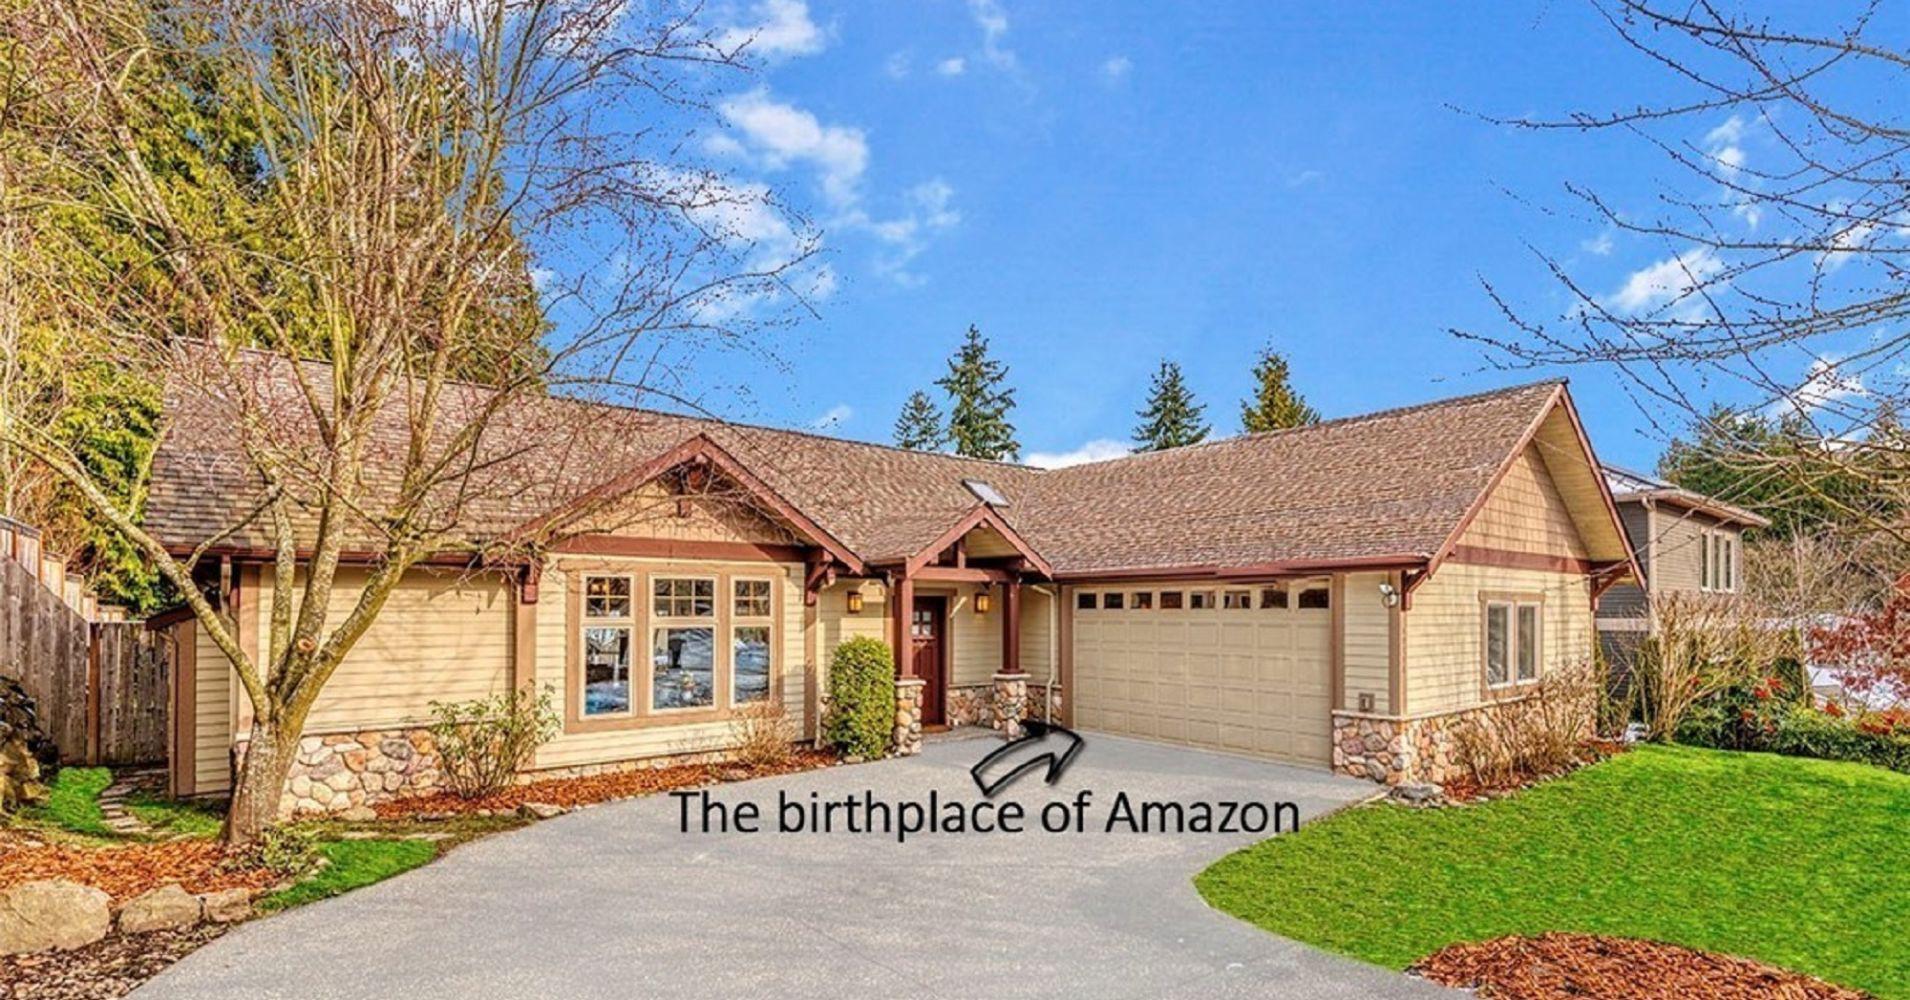 Căn nhà giản dị bỗng lên giá 35 tỷ đồng chỉ vì một thứ: Tỷ phú công nghệ Jeff Bezos từng sống ở đây-2